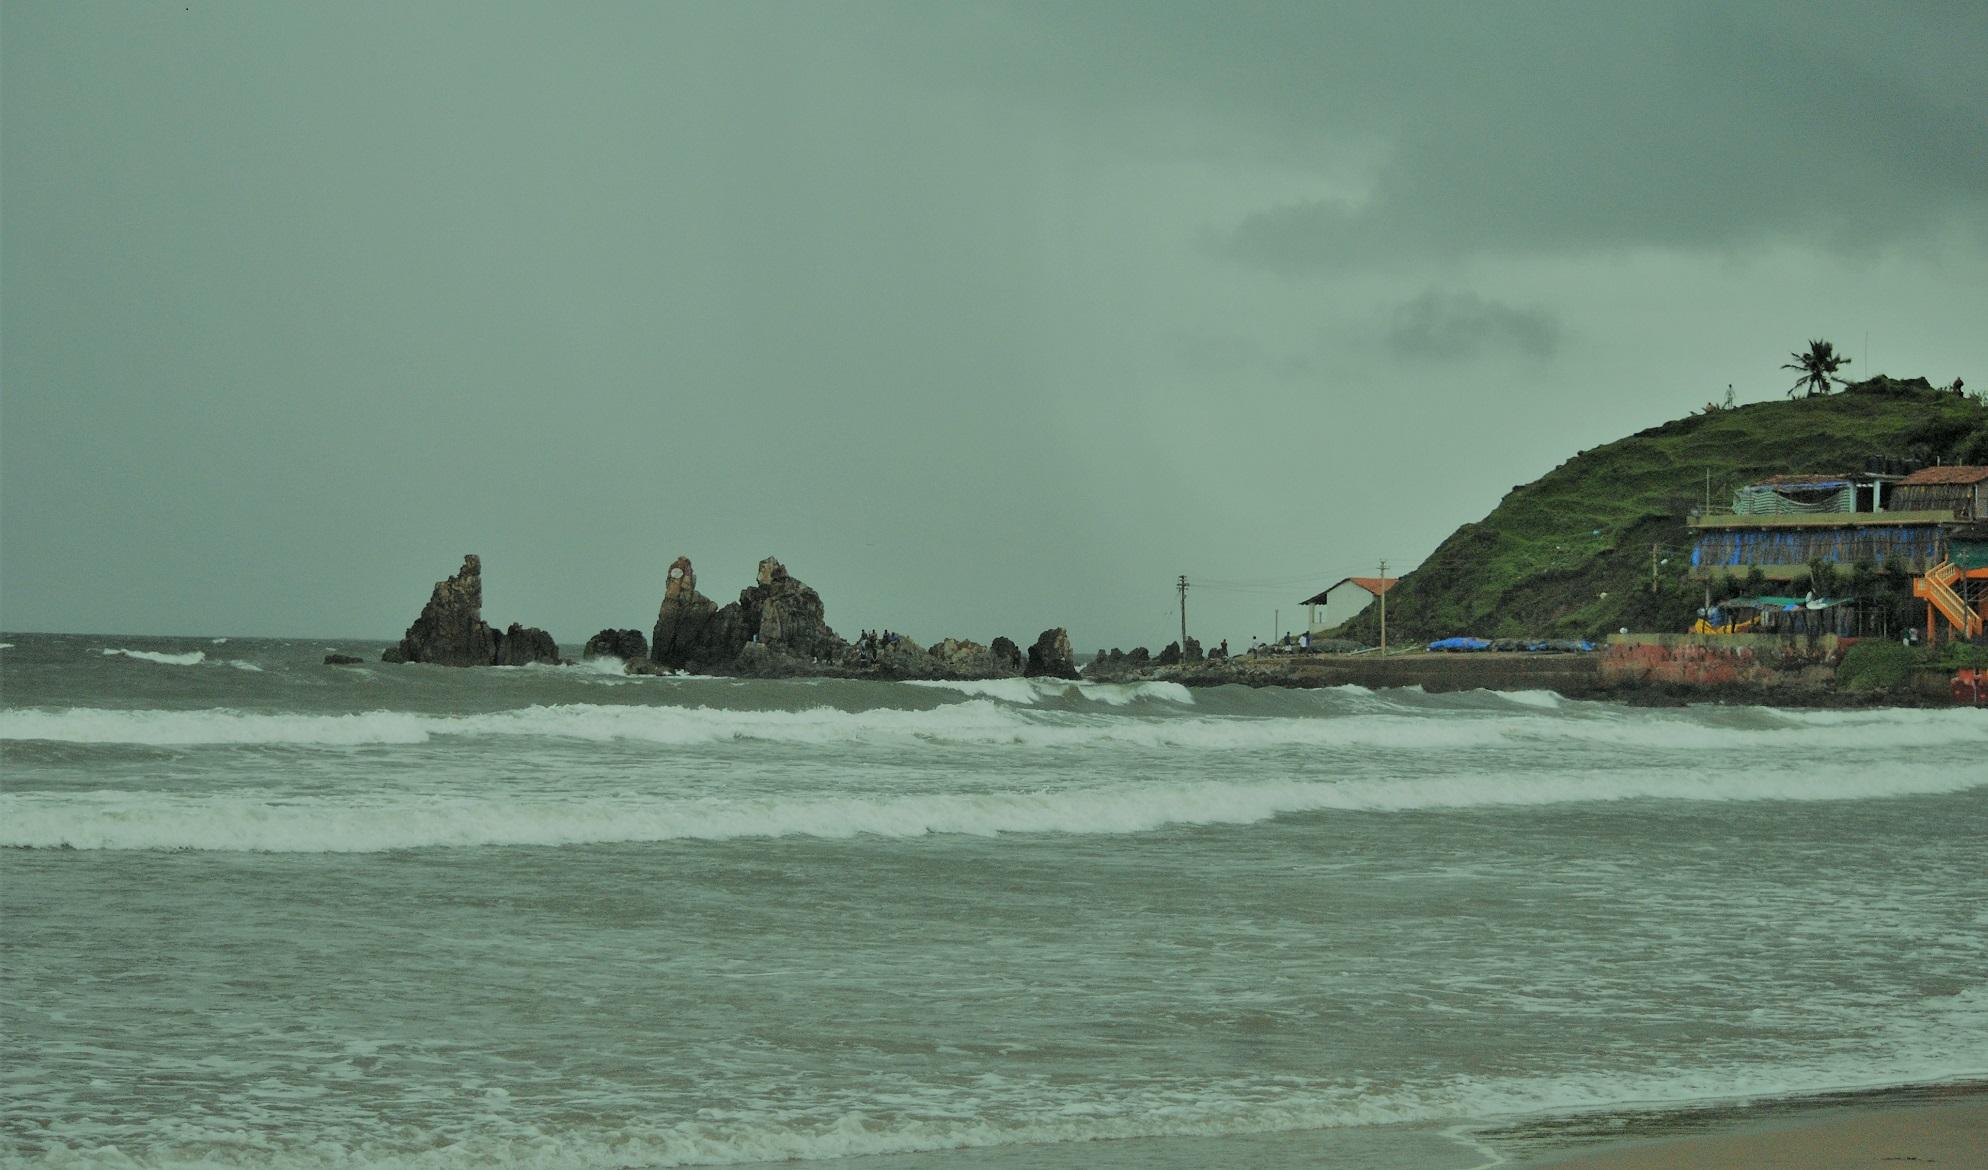 Manapad Beach